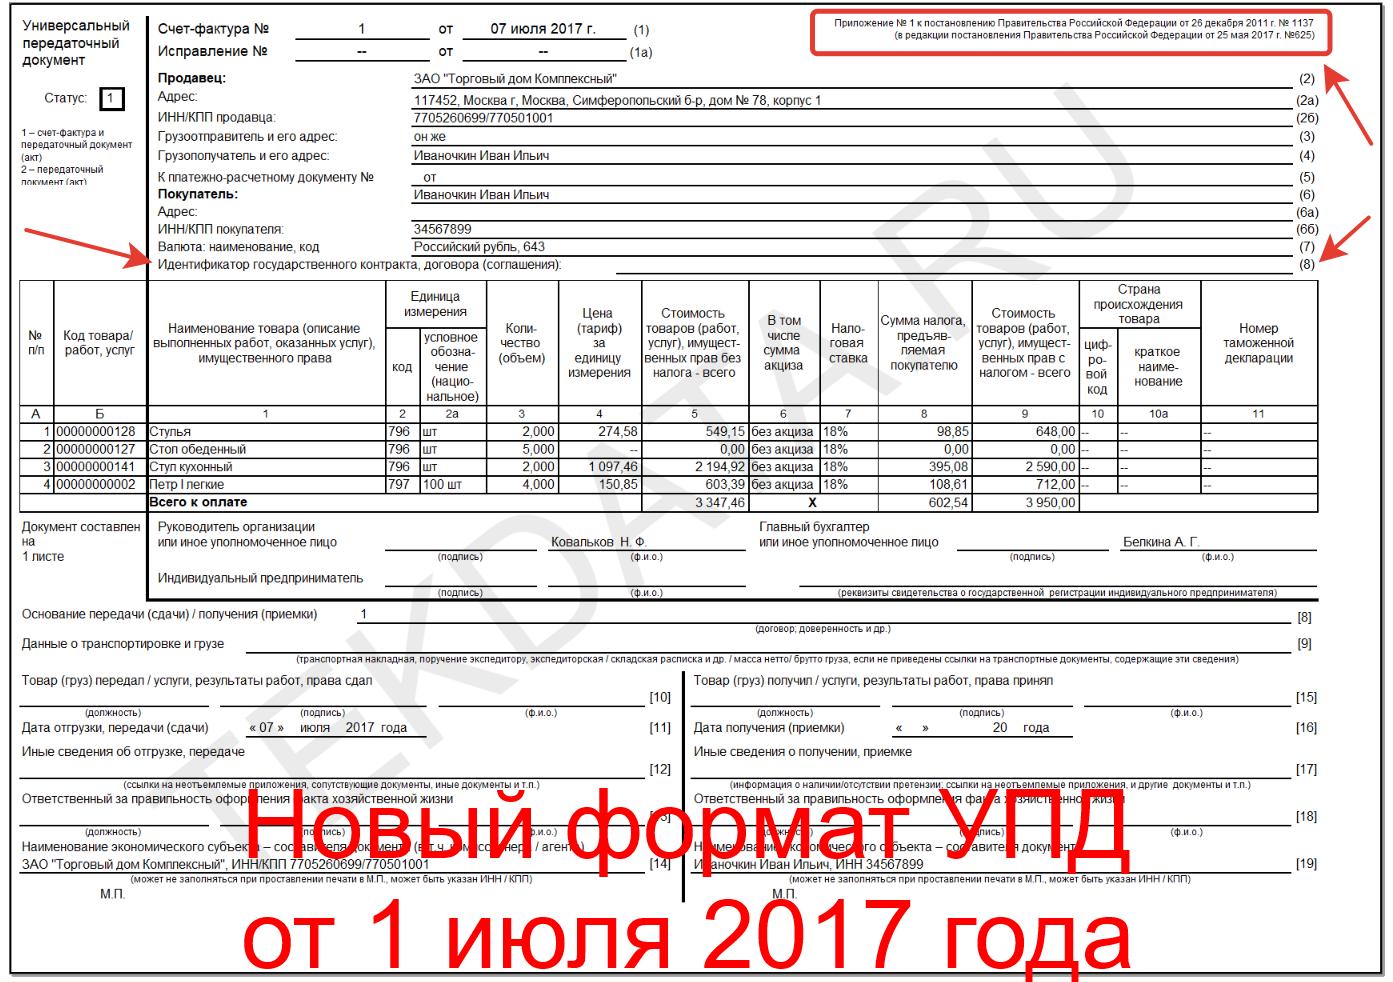 УПД для 1С Управление торговлей 10.3 (Внешняя печатная форма) (формат от 01.07.2017!)